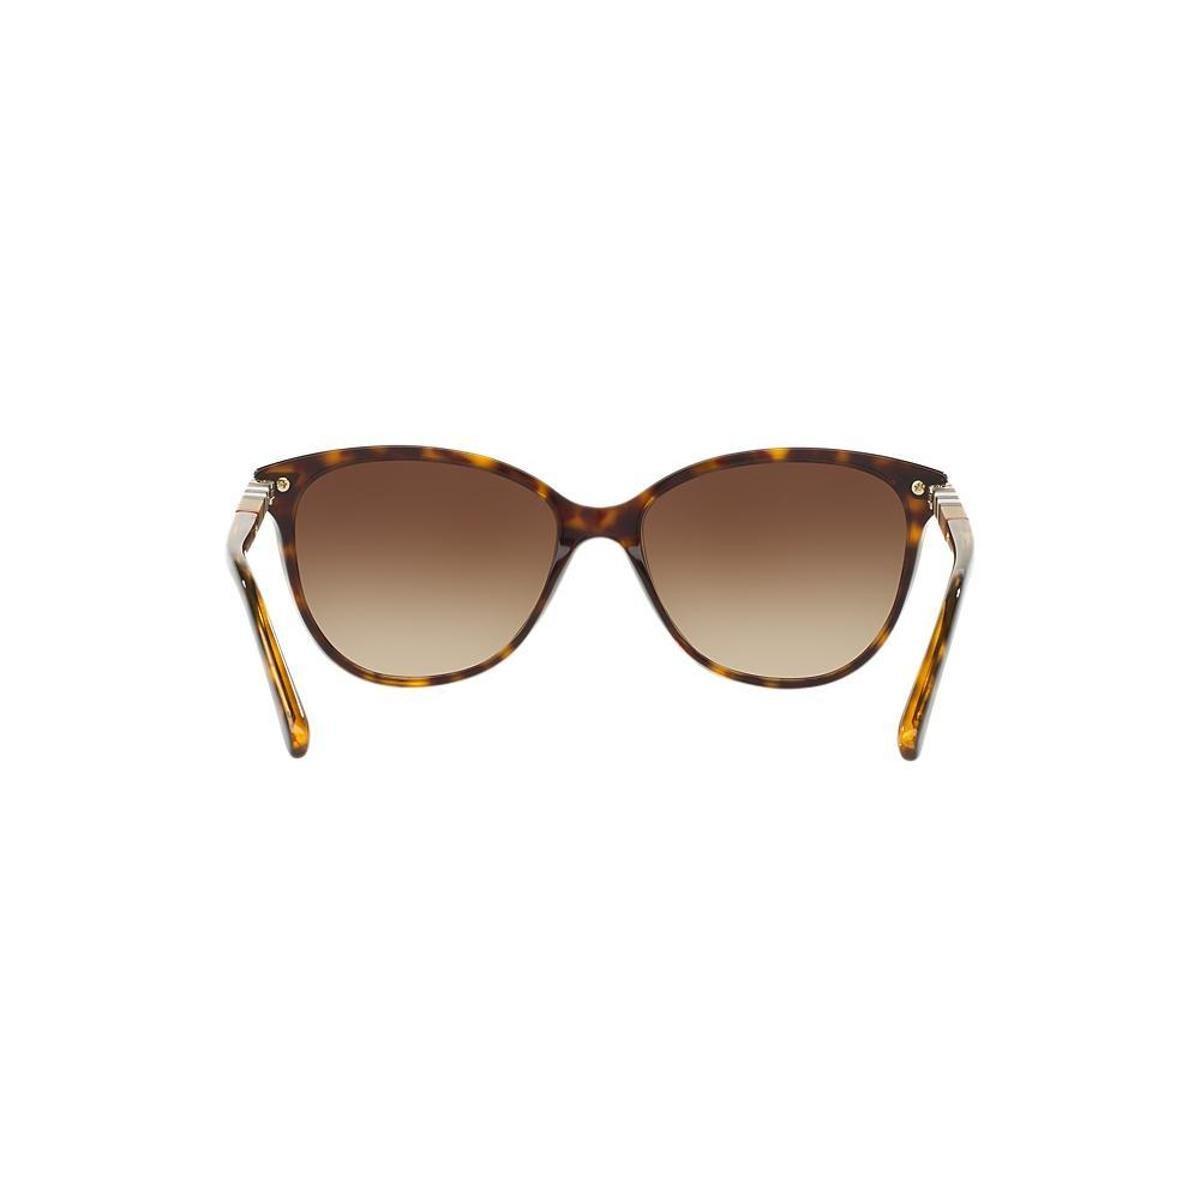 fe6cd624f59db Óculos de Sol Burberry Gatinho BE4216 Feminino - Compre Agora   Zattini